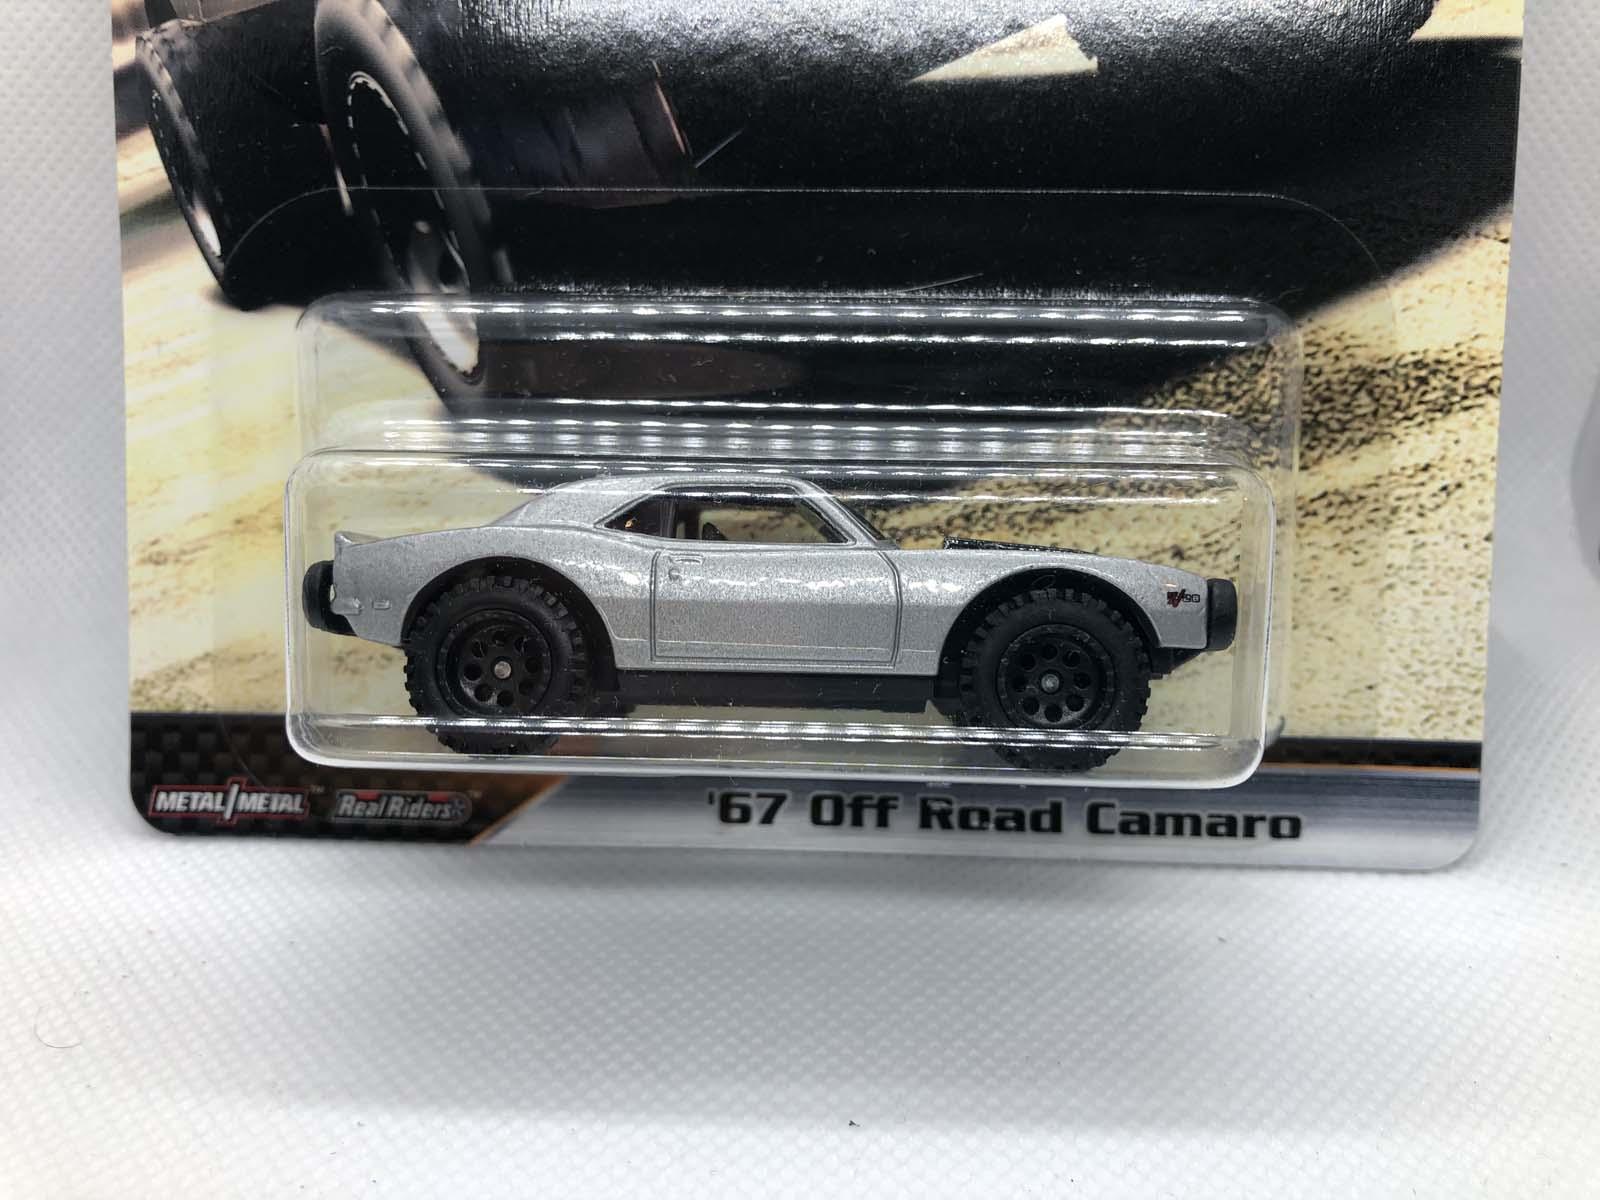 67 Off Road Camaro